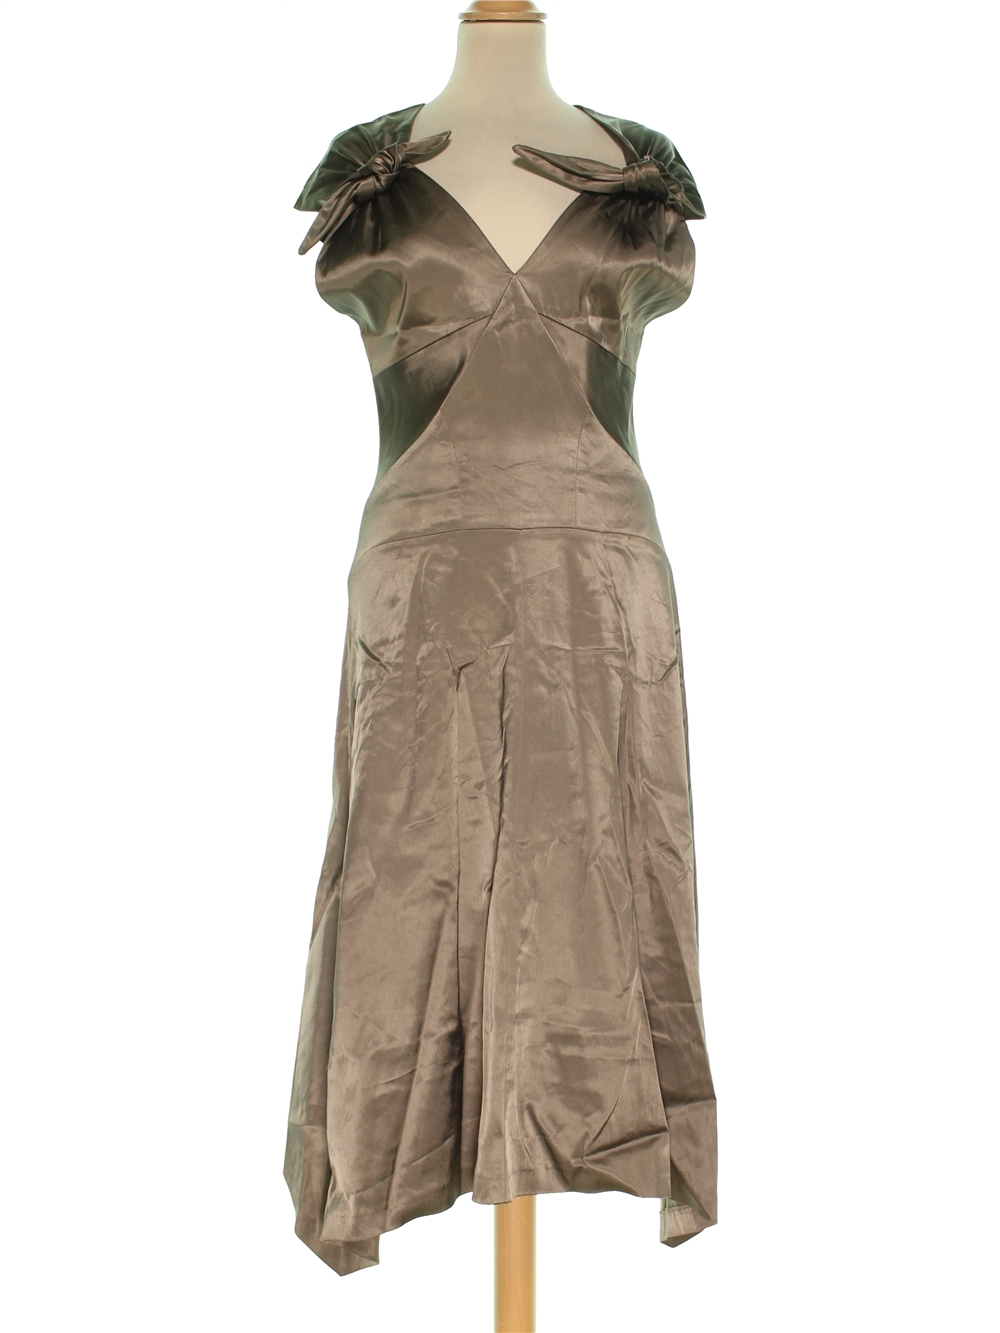 qualité-supérieure grande qualité sélectionner pour dernier Robe de soirée Femme TARA JARMON 38 (M - T1) pas cher, 23.99 ...